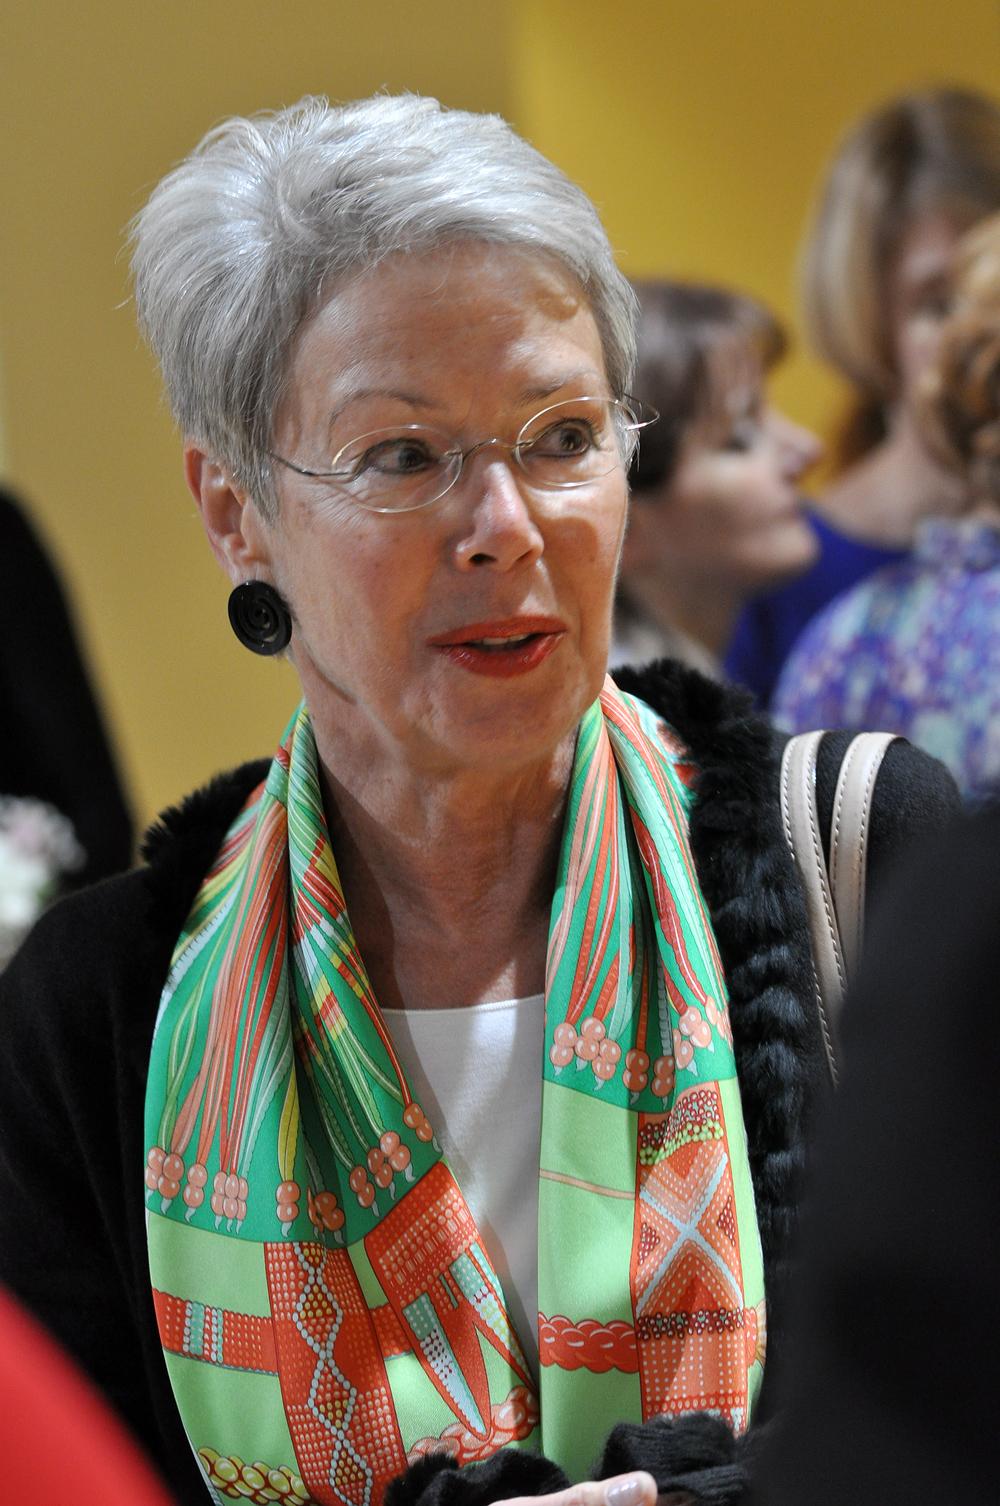 Mrs. Heidi Tagliavini